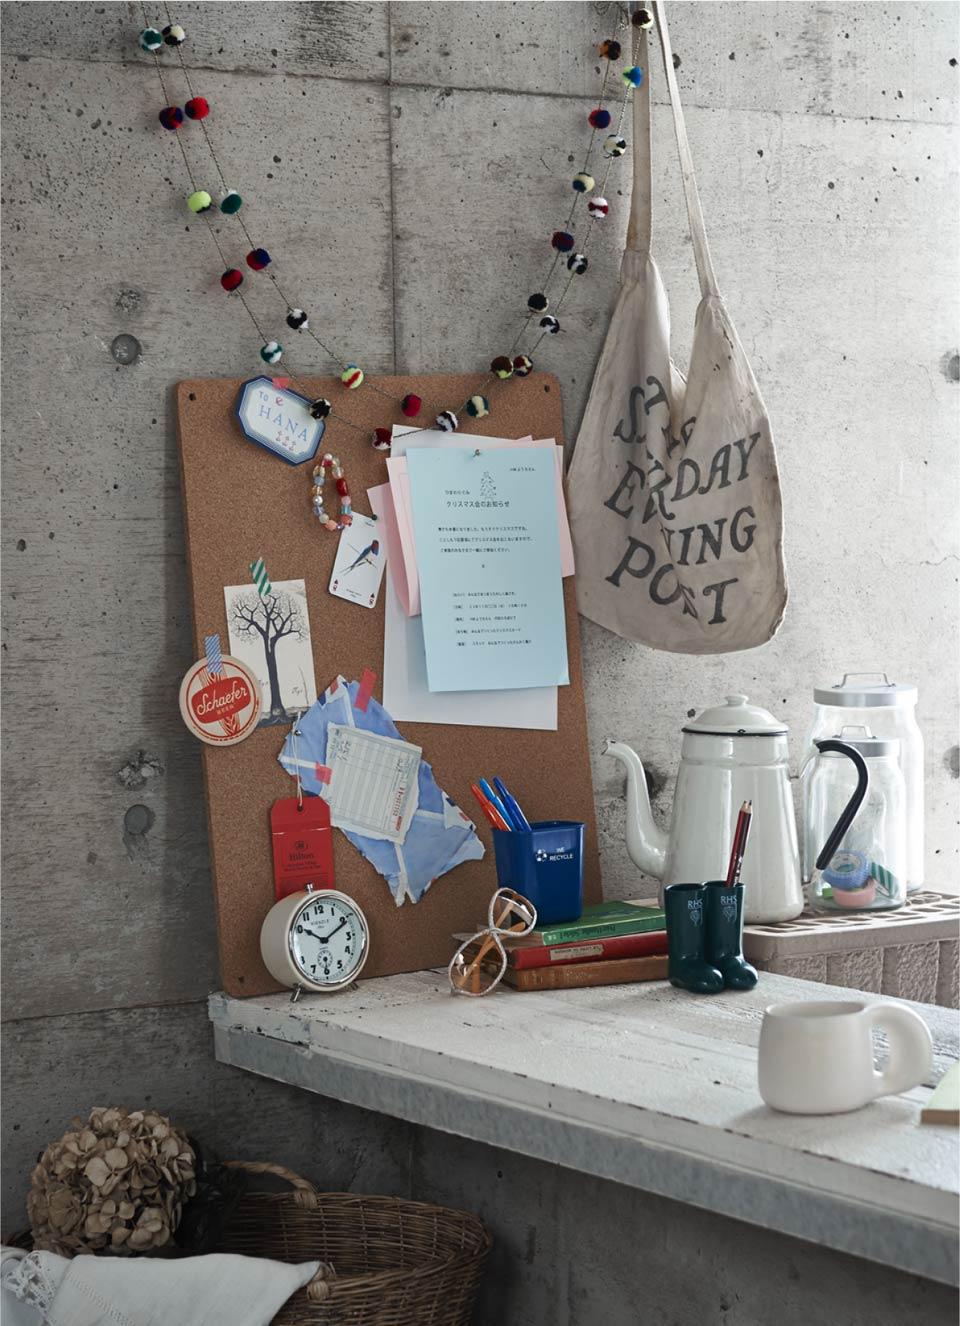 HugMug photo by Yasushi Kurihara(tripiet studio)